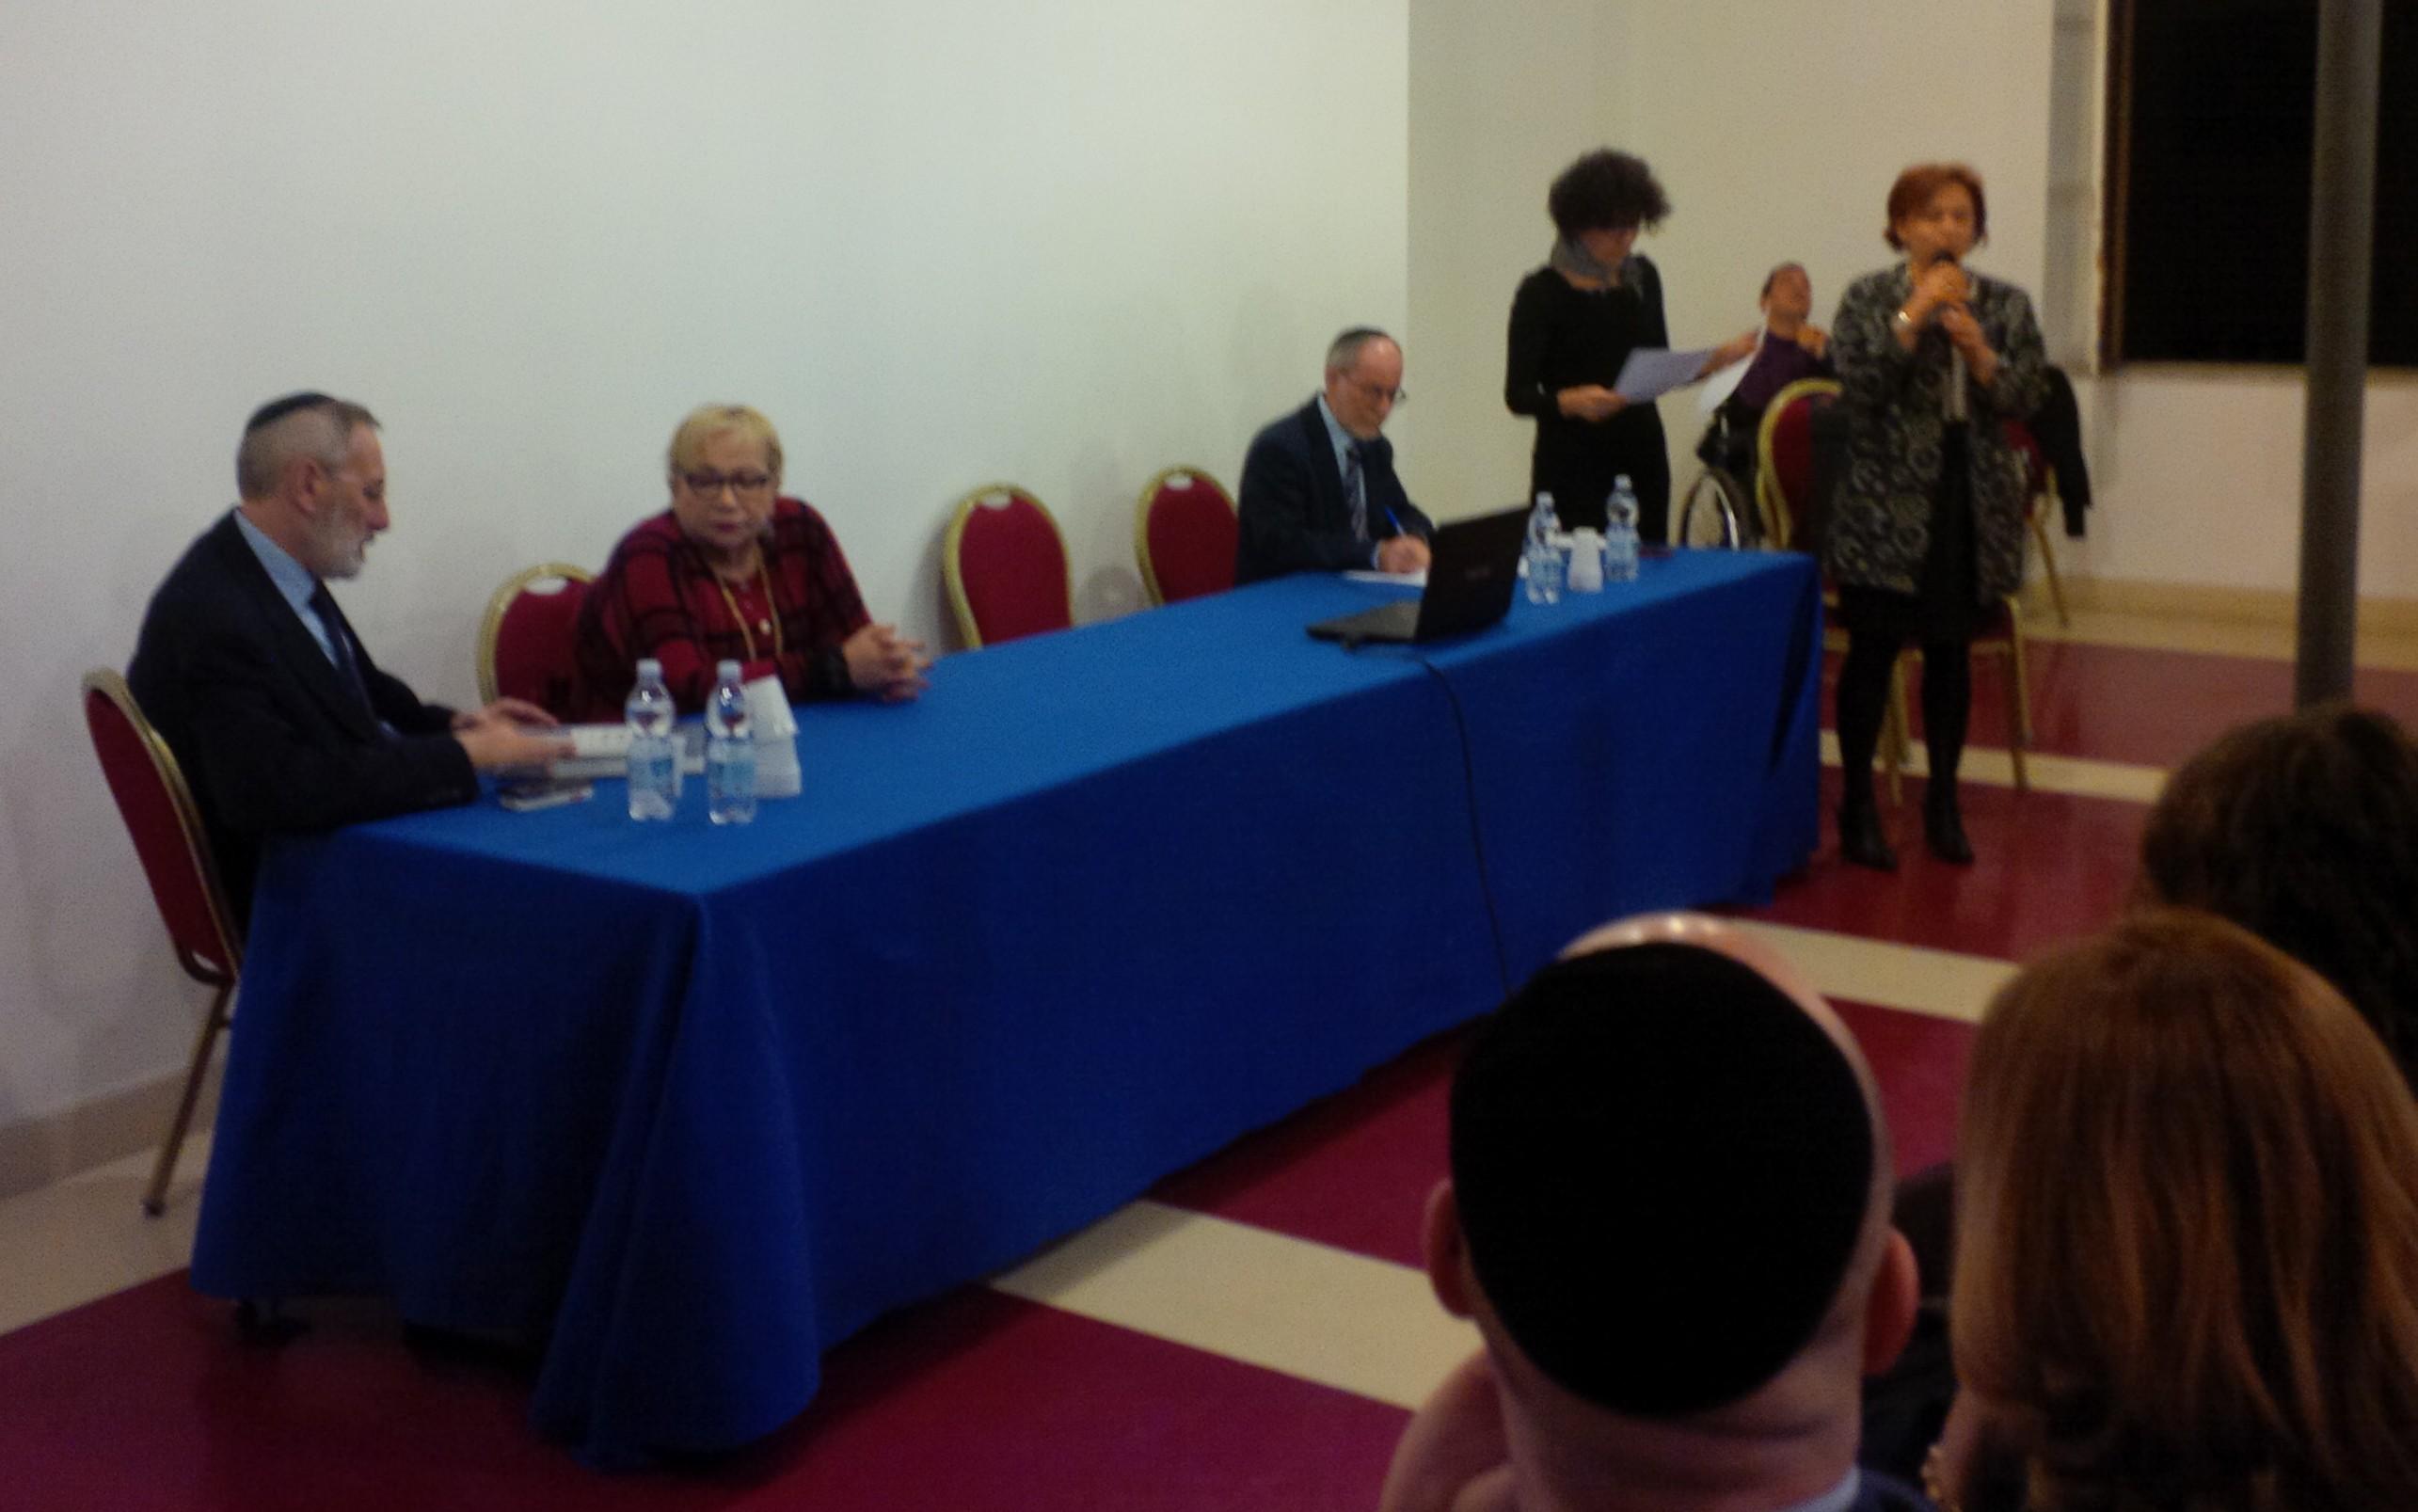 qui roma talmud sinonimo di futuro per l 39 ebraismo